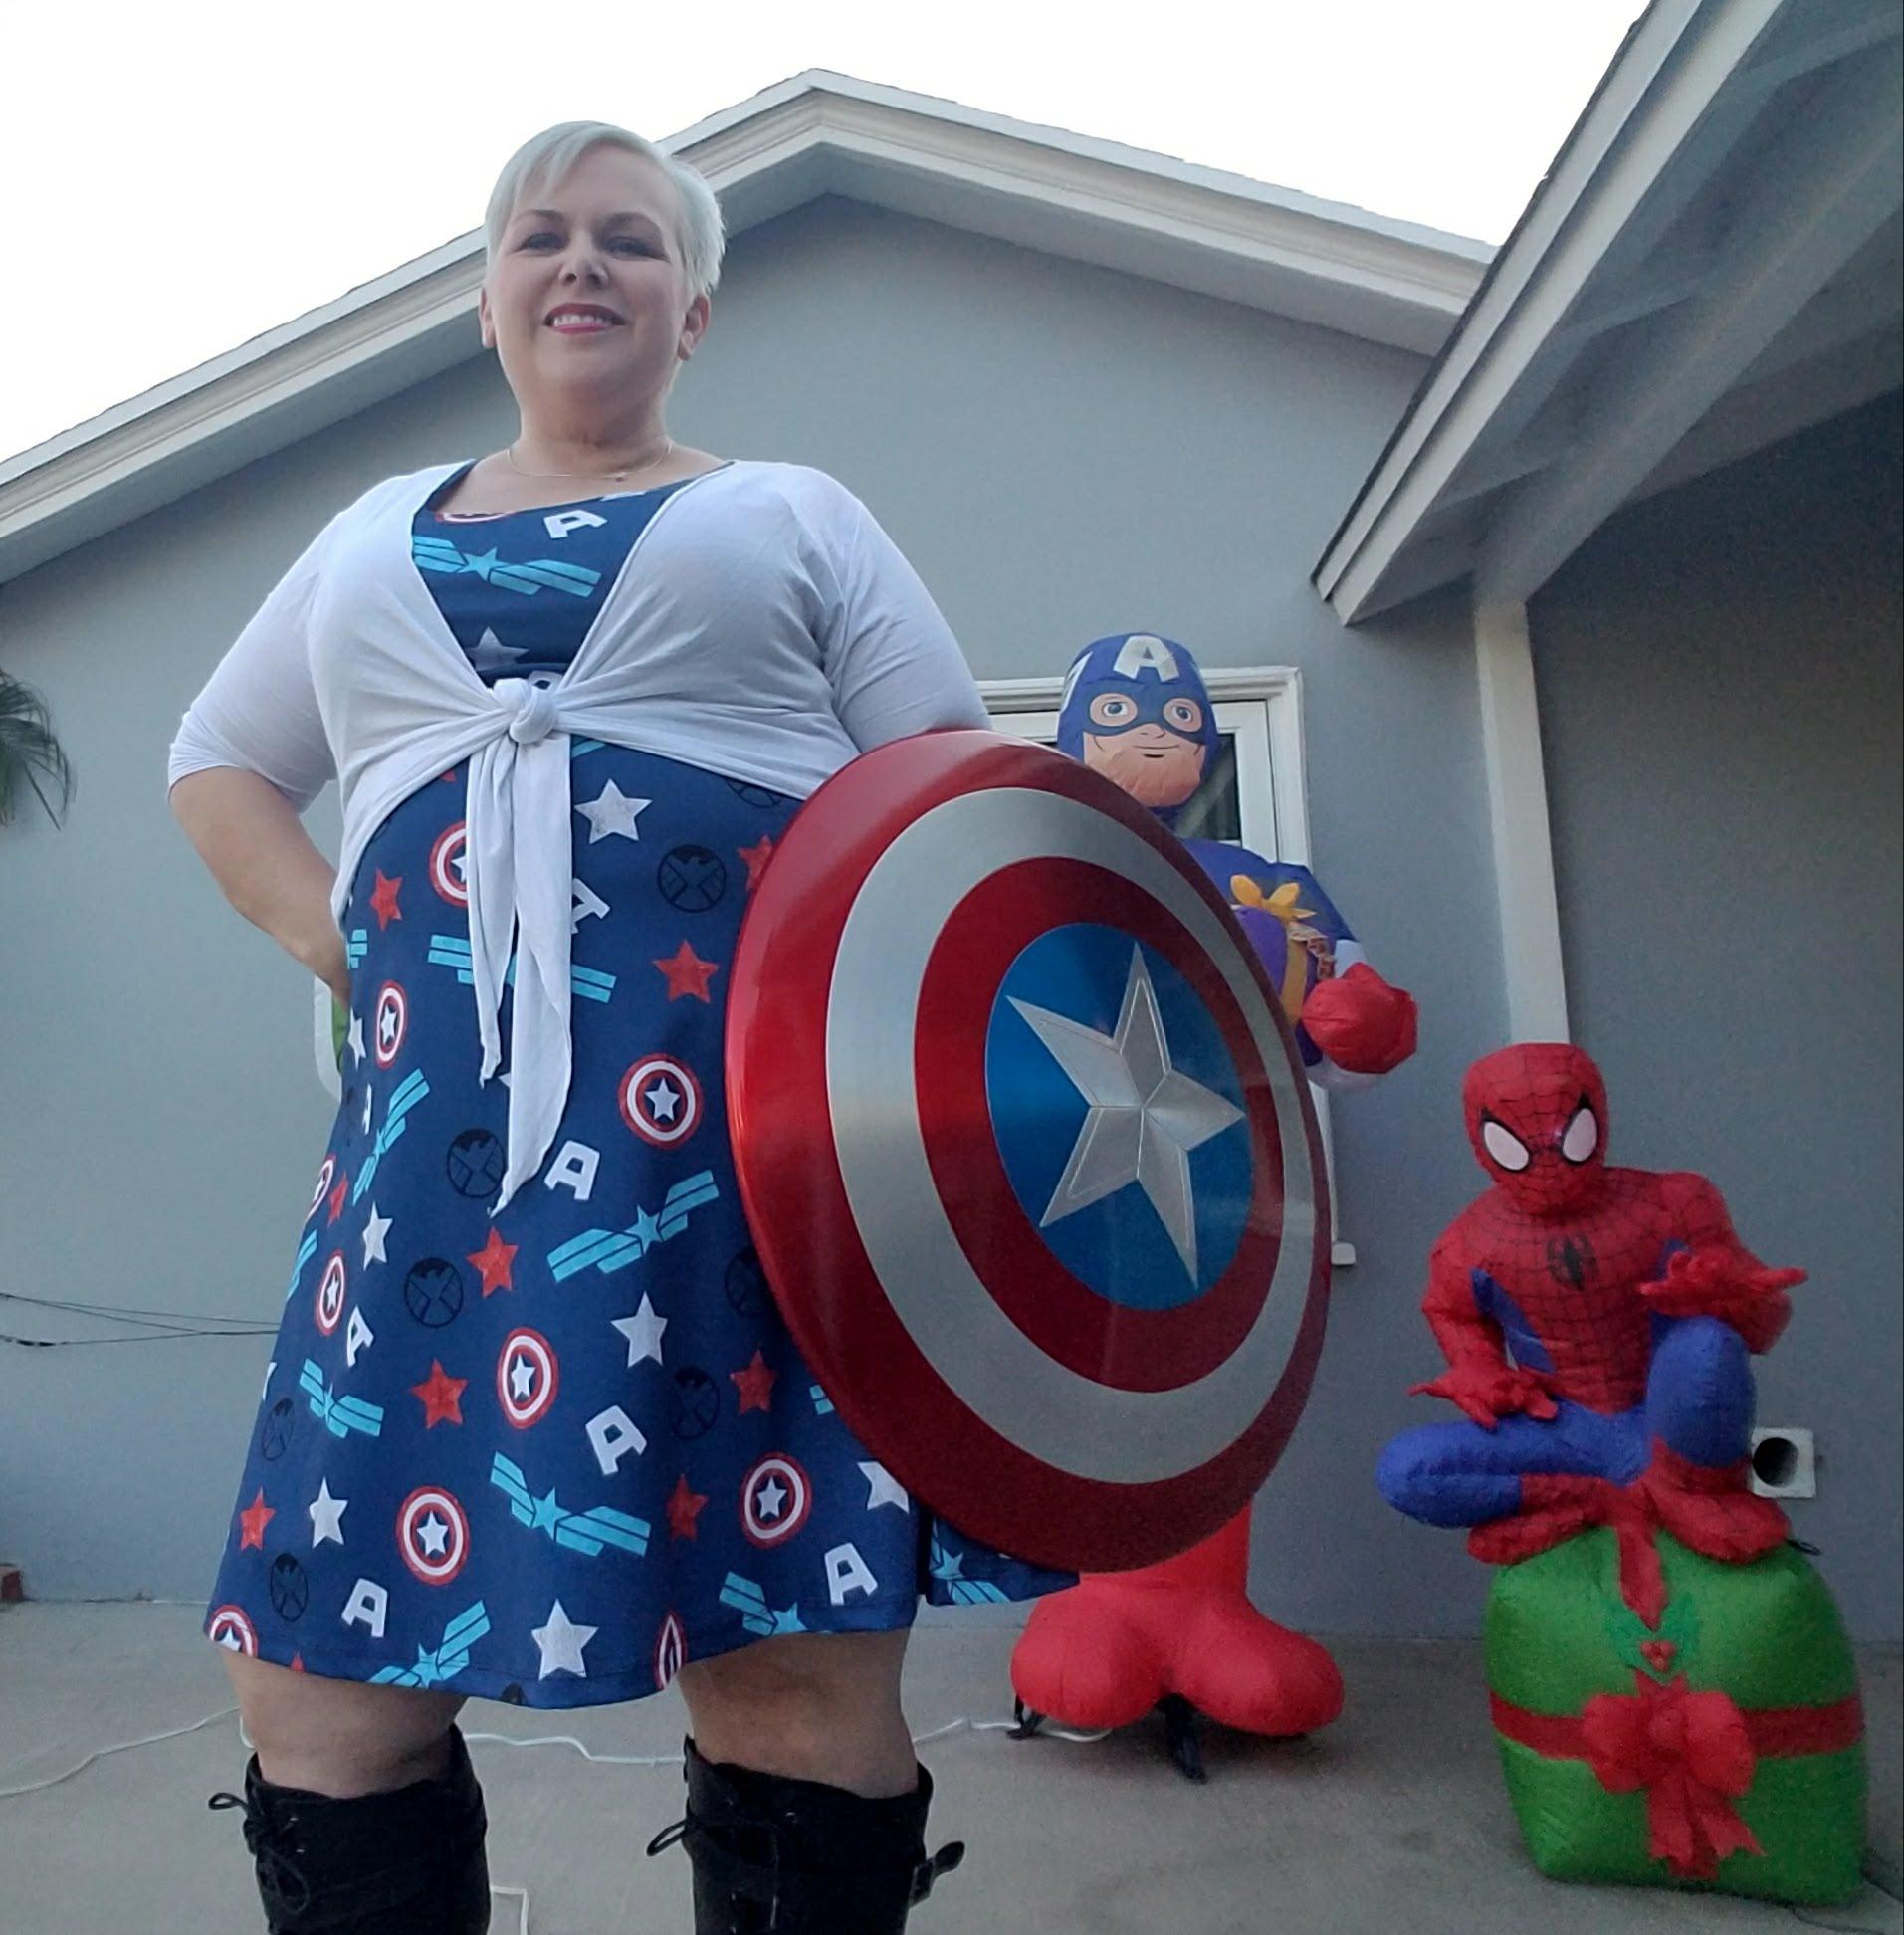 20171219_154341  sc 1 st  raisingaheronotavillain.com & Outfit of the Day: Cap Shield Dress u2013 raisingaheronotavillain.com